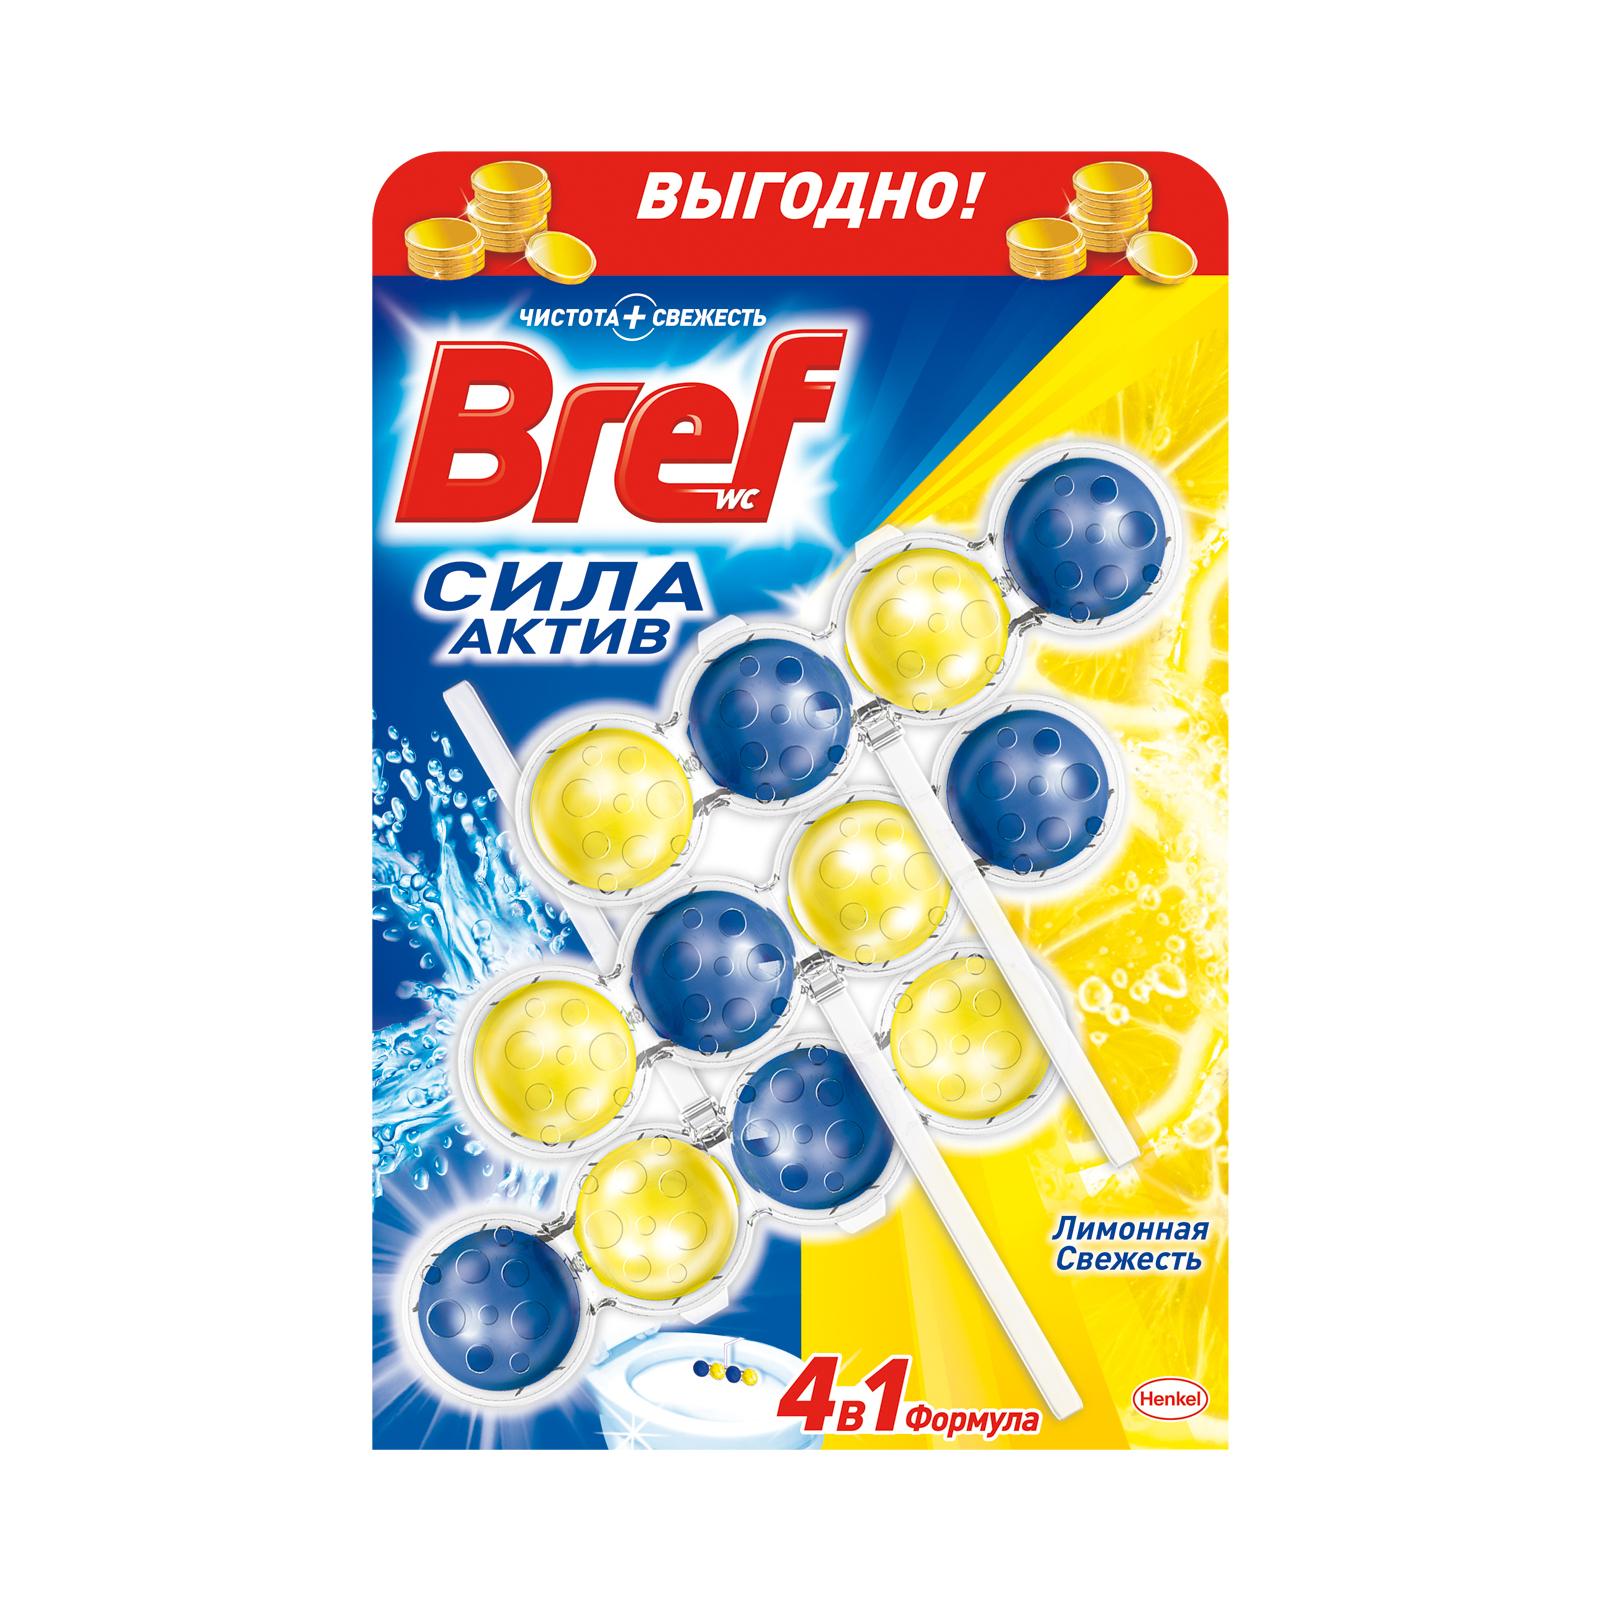 Туалетный блок Bref Сила Актив Триопак Лимонная Свежесть 3х50 г (9000100753463)